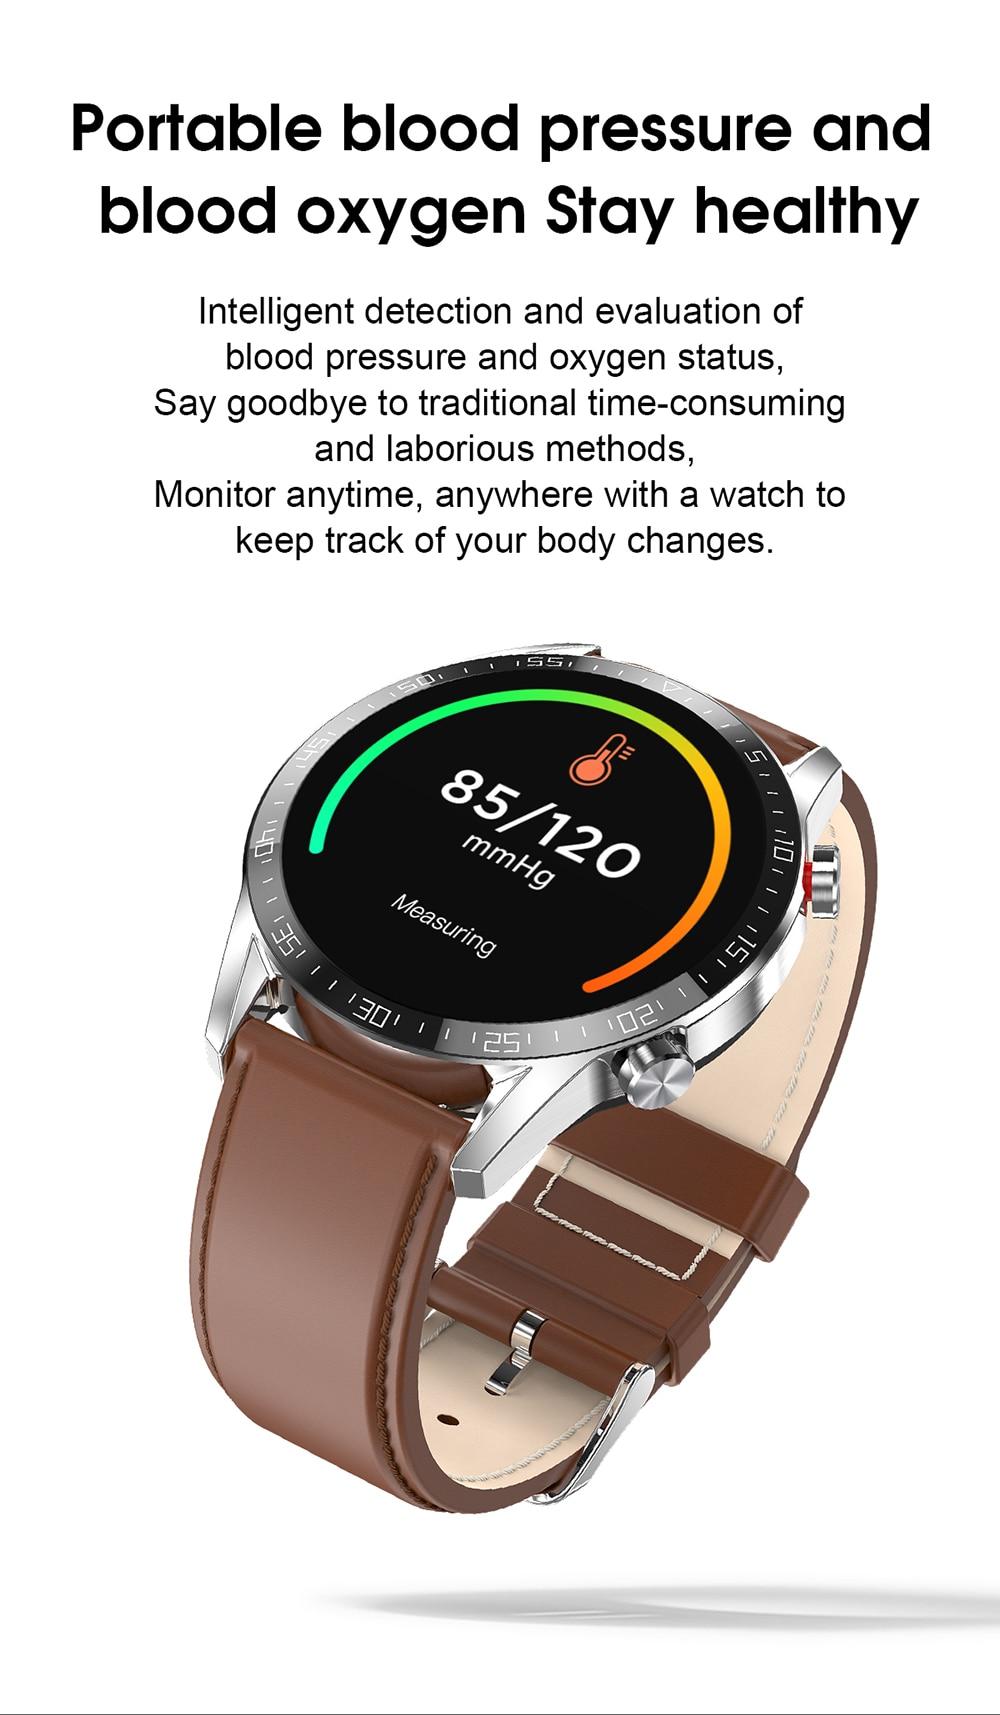 H1fc2d3989f0d4227b1f17d8d932afab4S For Phone Xiaomi Android IOS Reloj Inteligente Hombre Smartwatch Men 2021 Android IP68 Smartwatch Answer Call Smart Watch Man